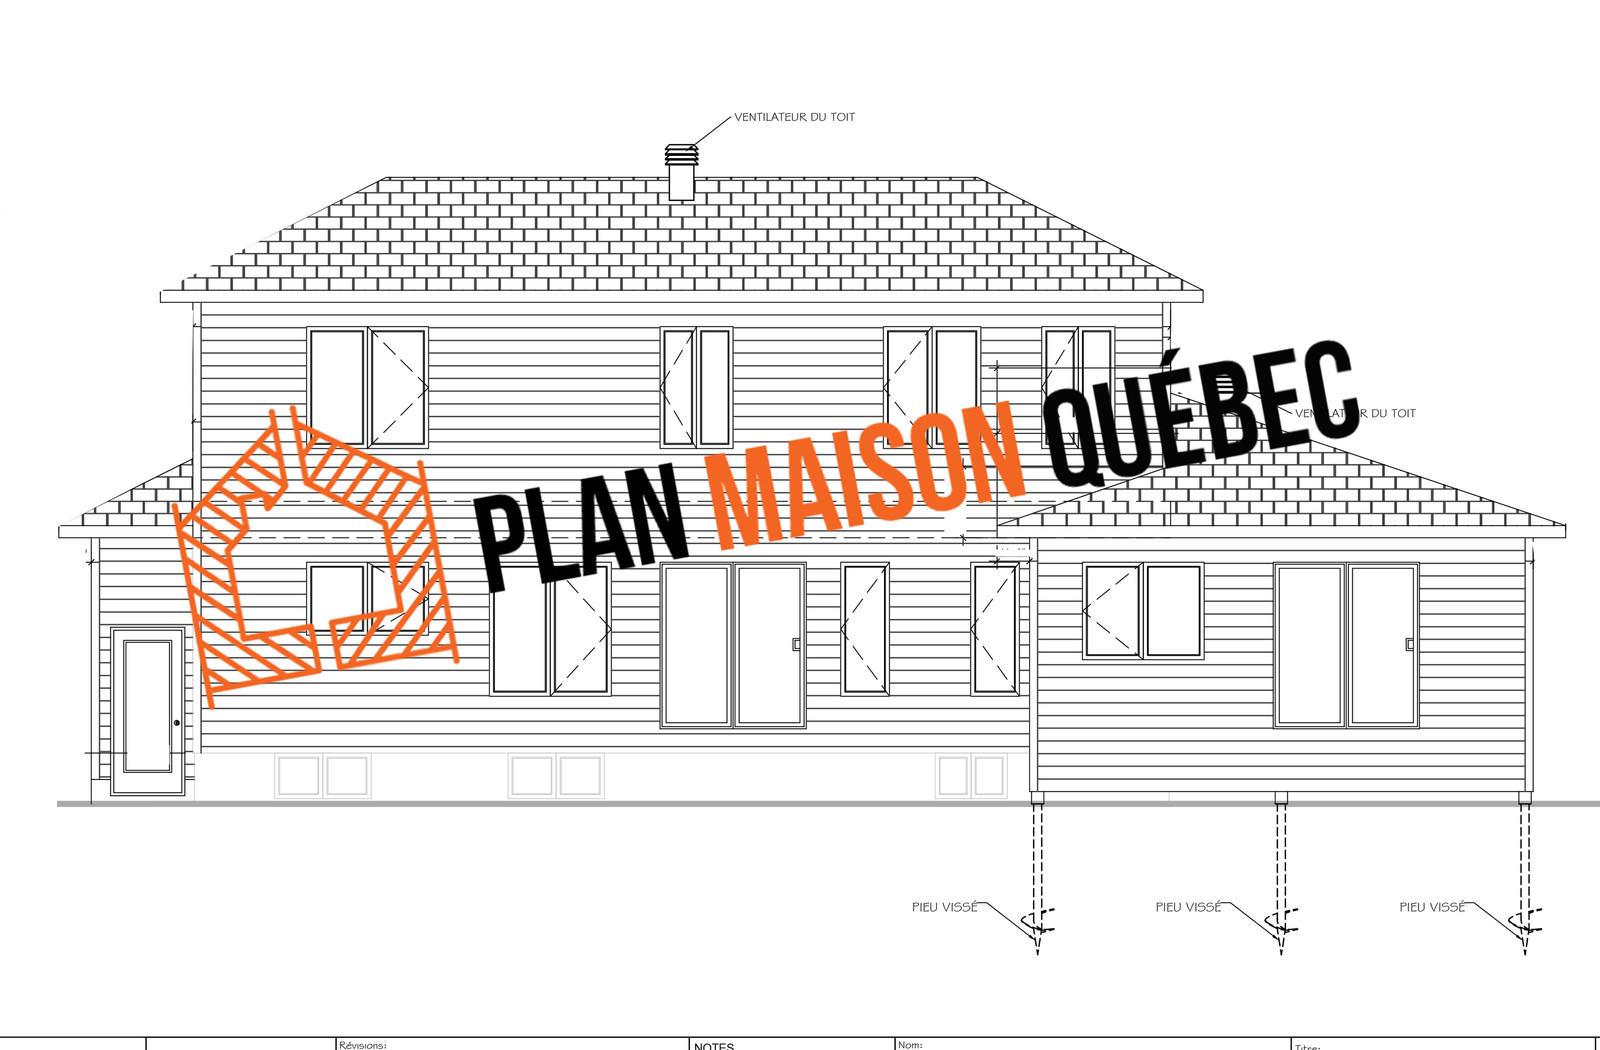 Plan maison qu bec design de cuisine qu bec - Plan de maison quebec ...